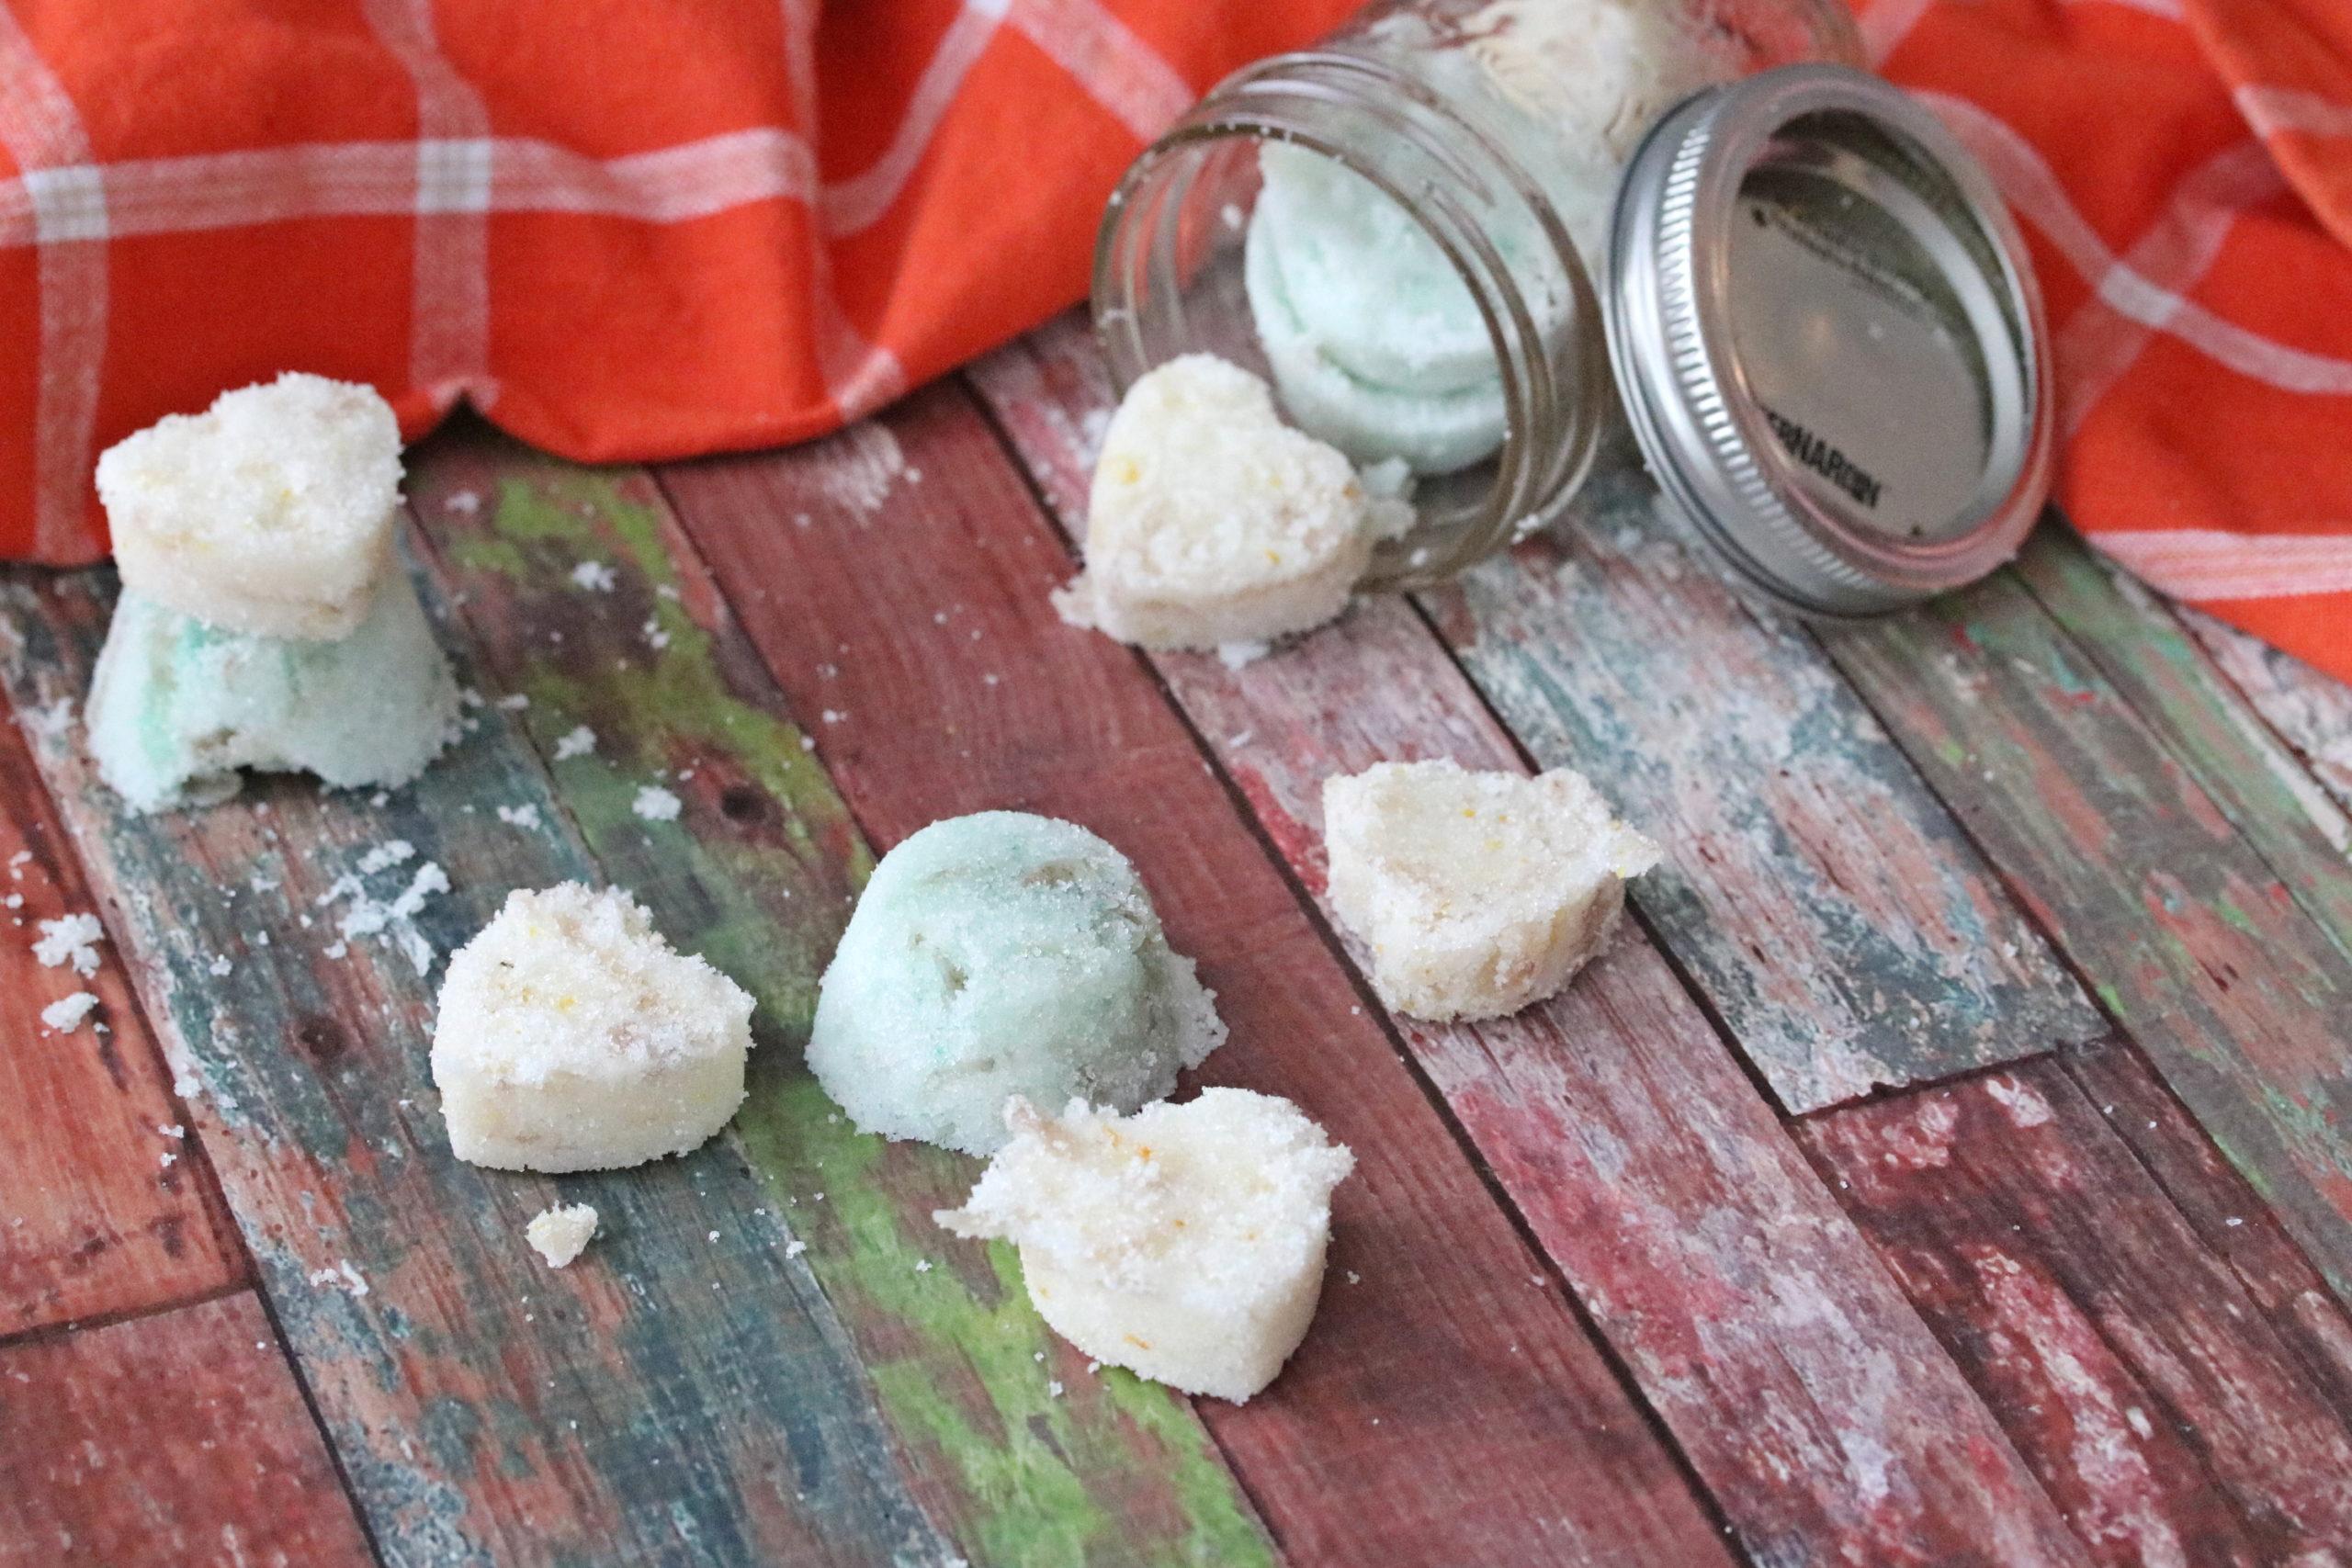 Diy sugar scrubs with a jar of scrubs behind them